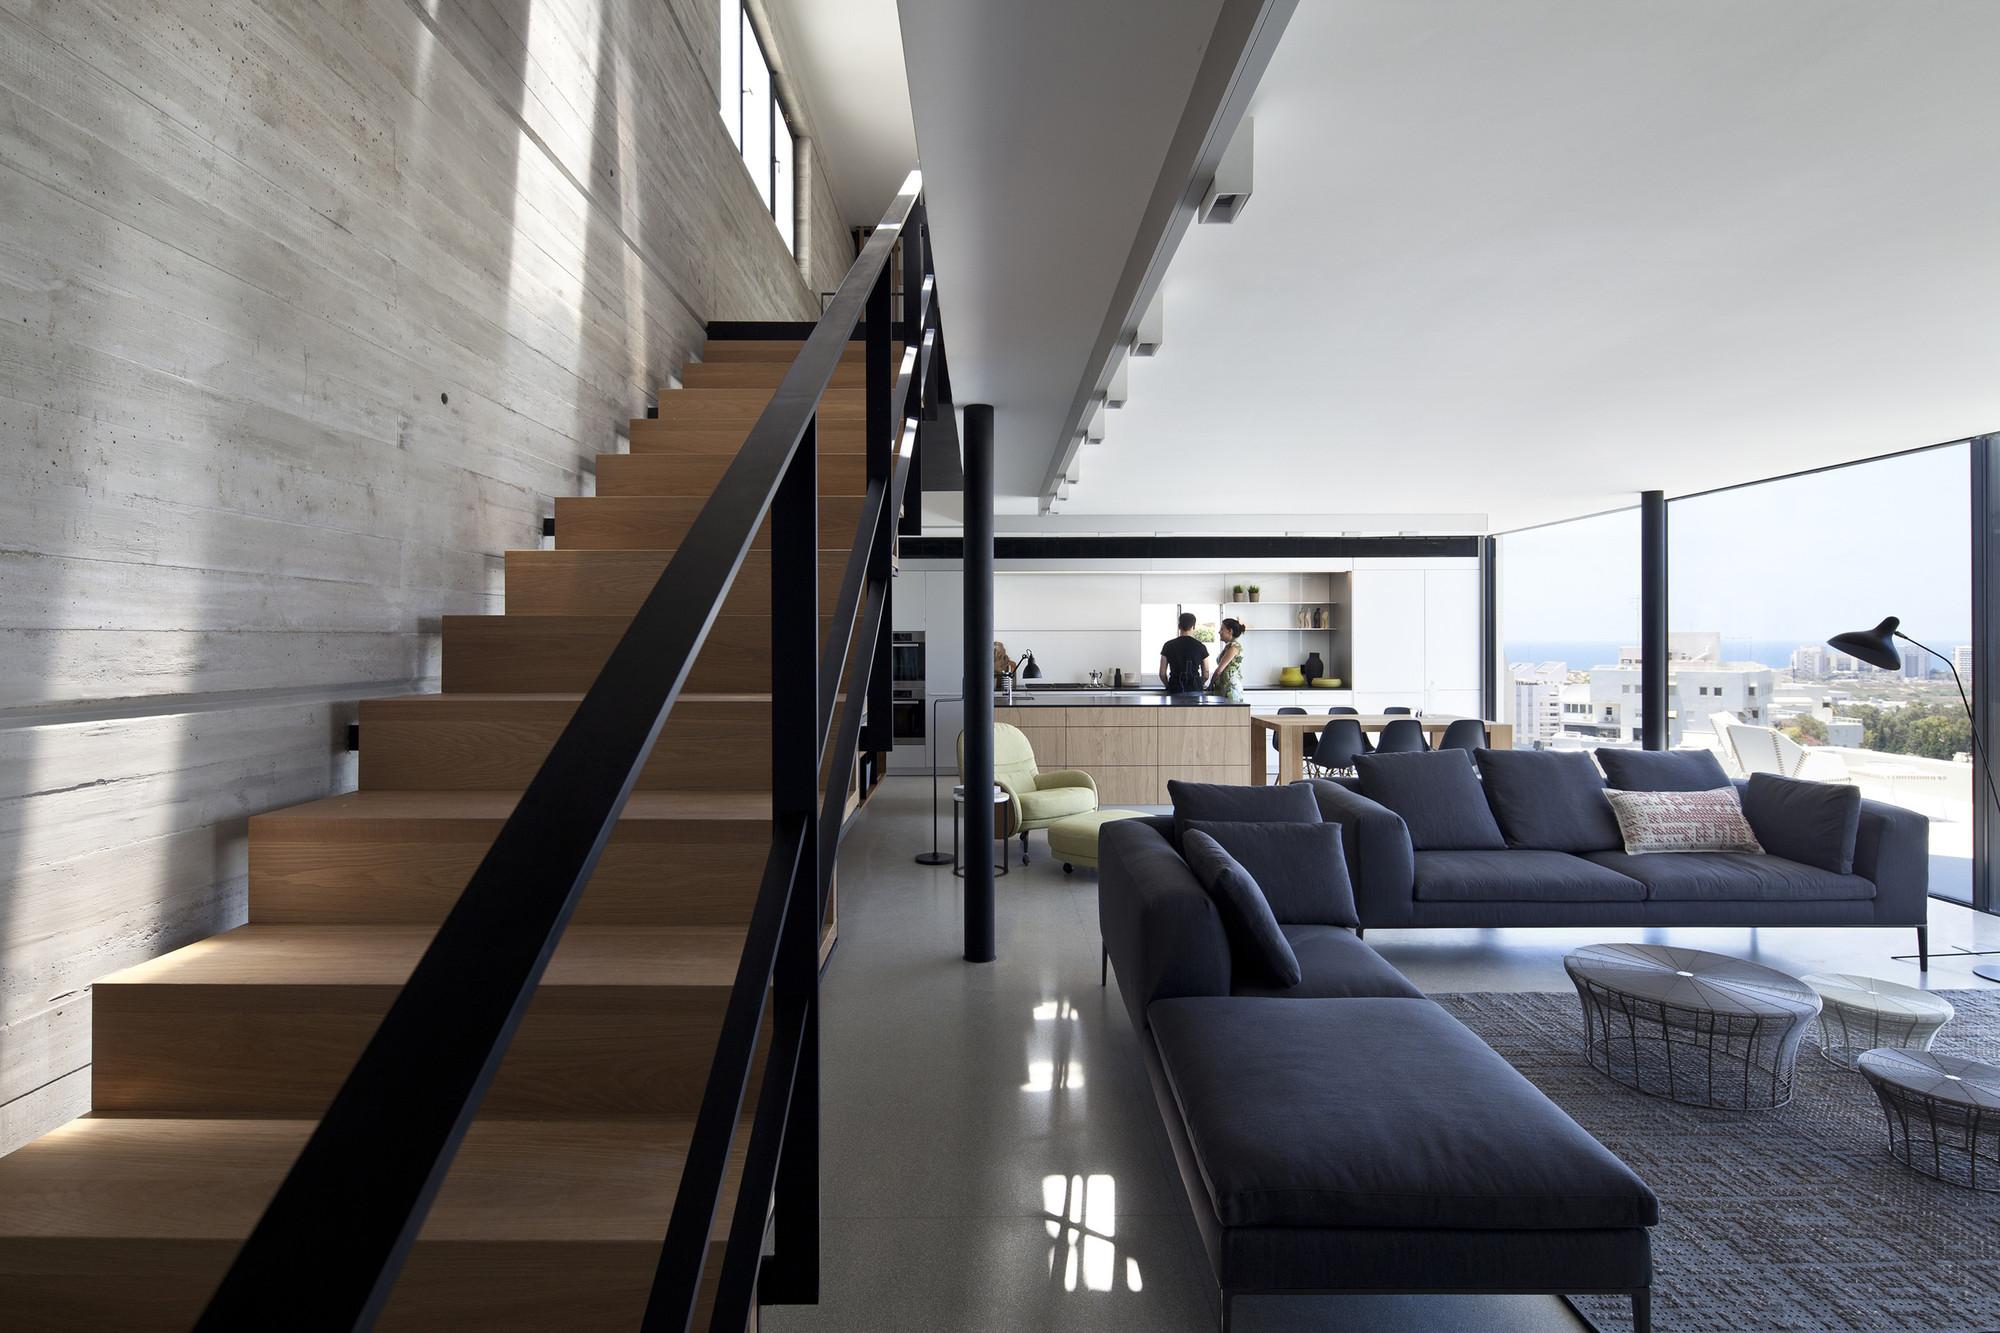 Y Duplex Penthouse / Pitsou Kedem Architects